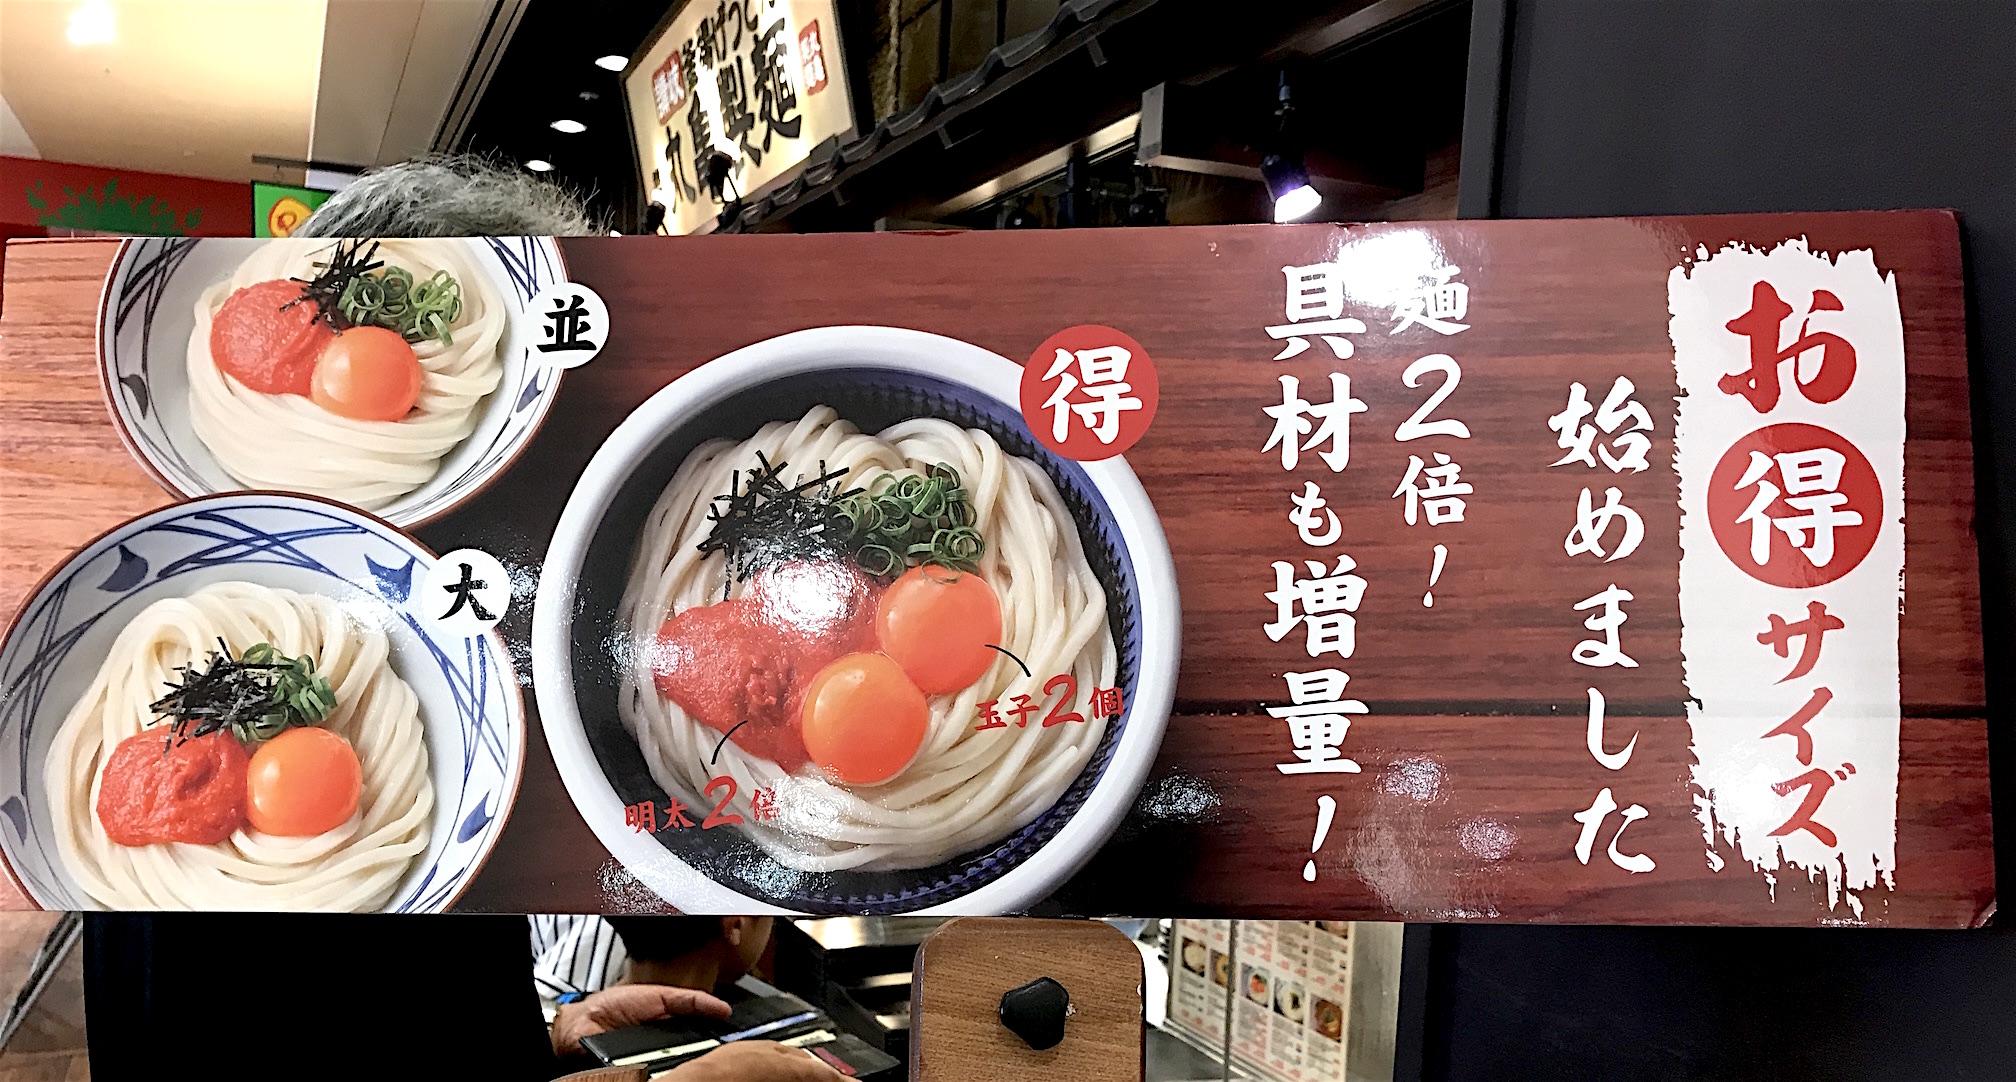 丸亀製麺に麺2倍&具材1.5倍以上の「得」サイズ登場。並+200円で提供